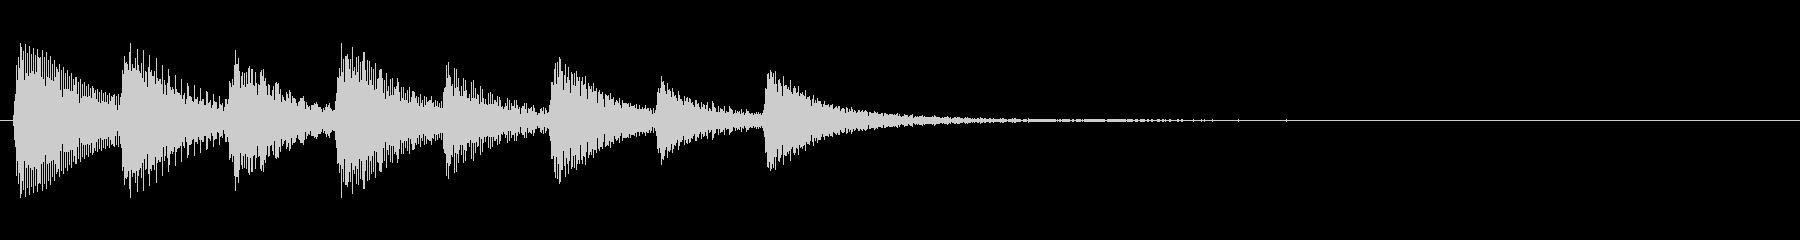 KANTアプリサウンド010231の未再生の波形